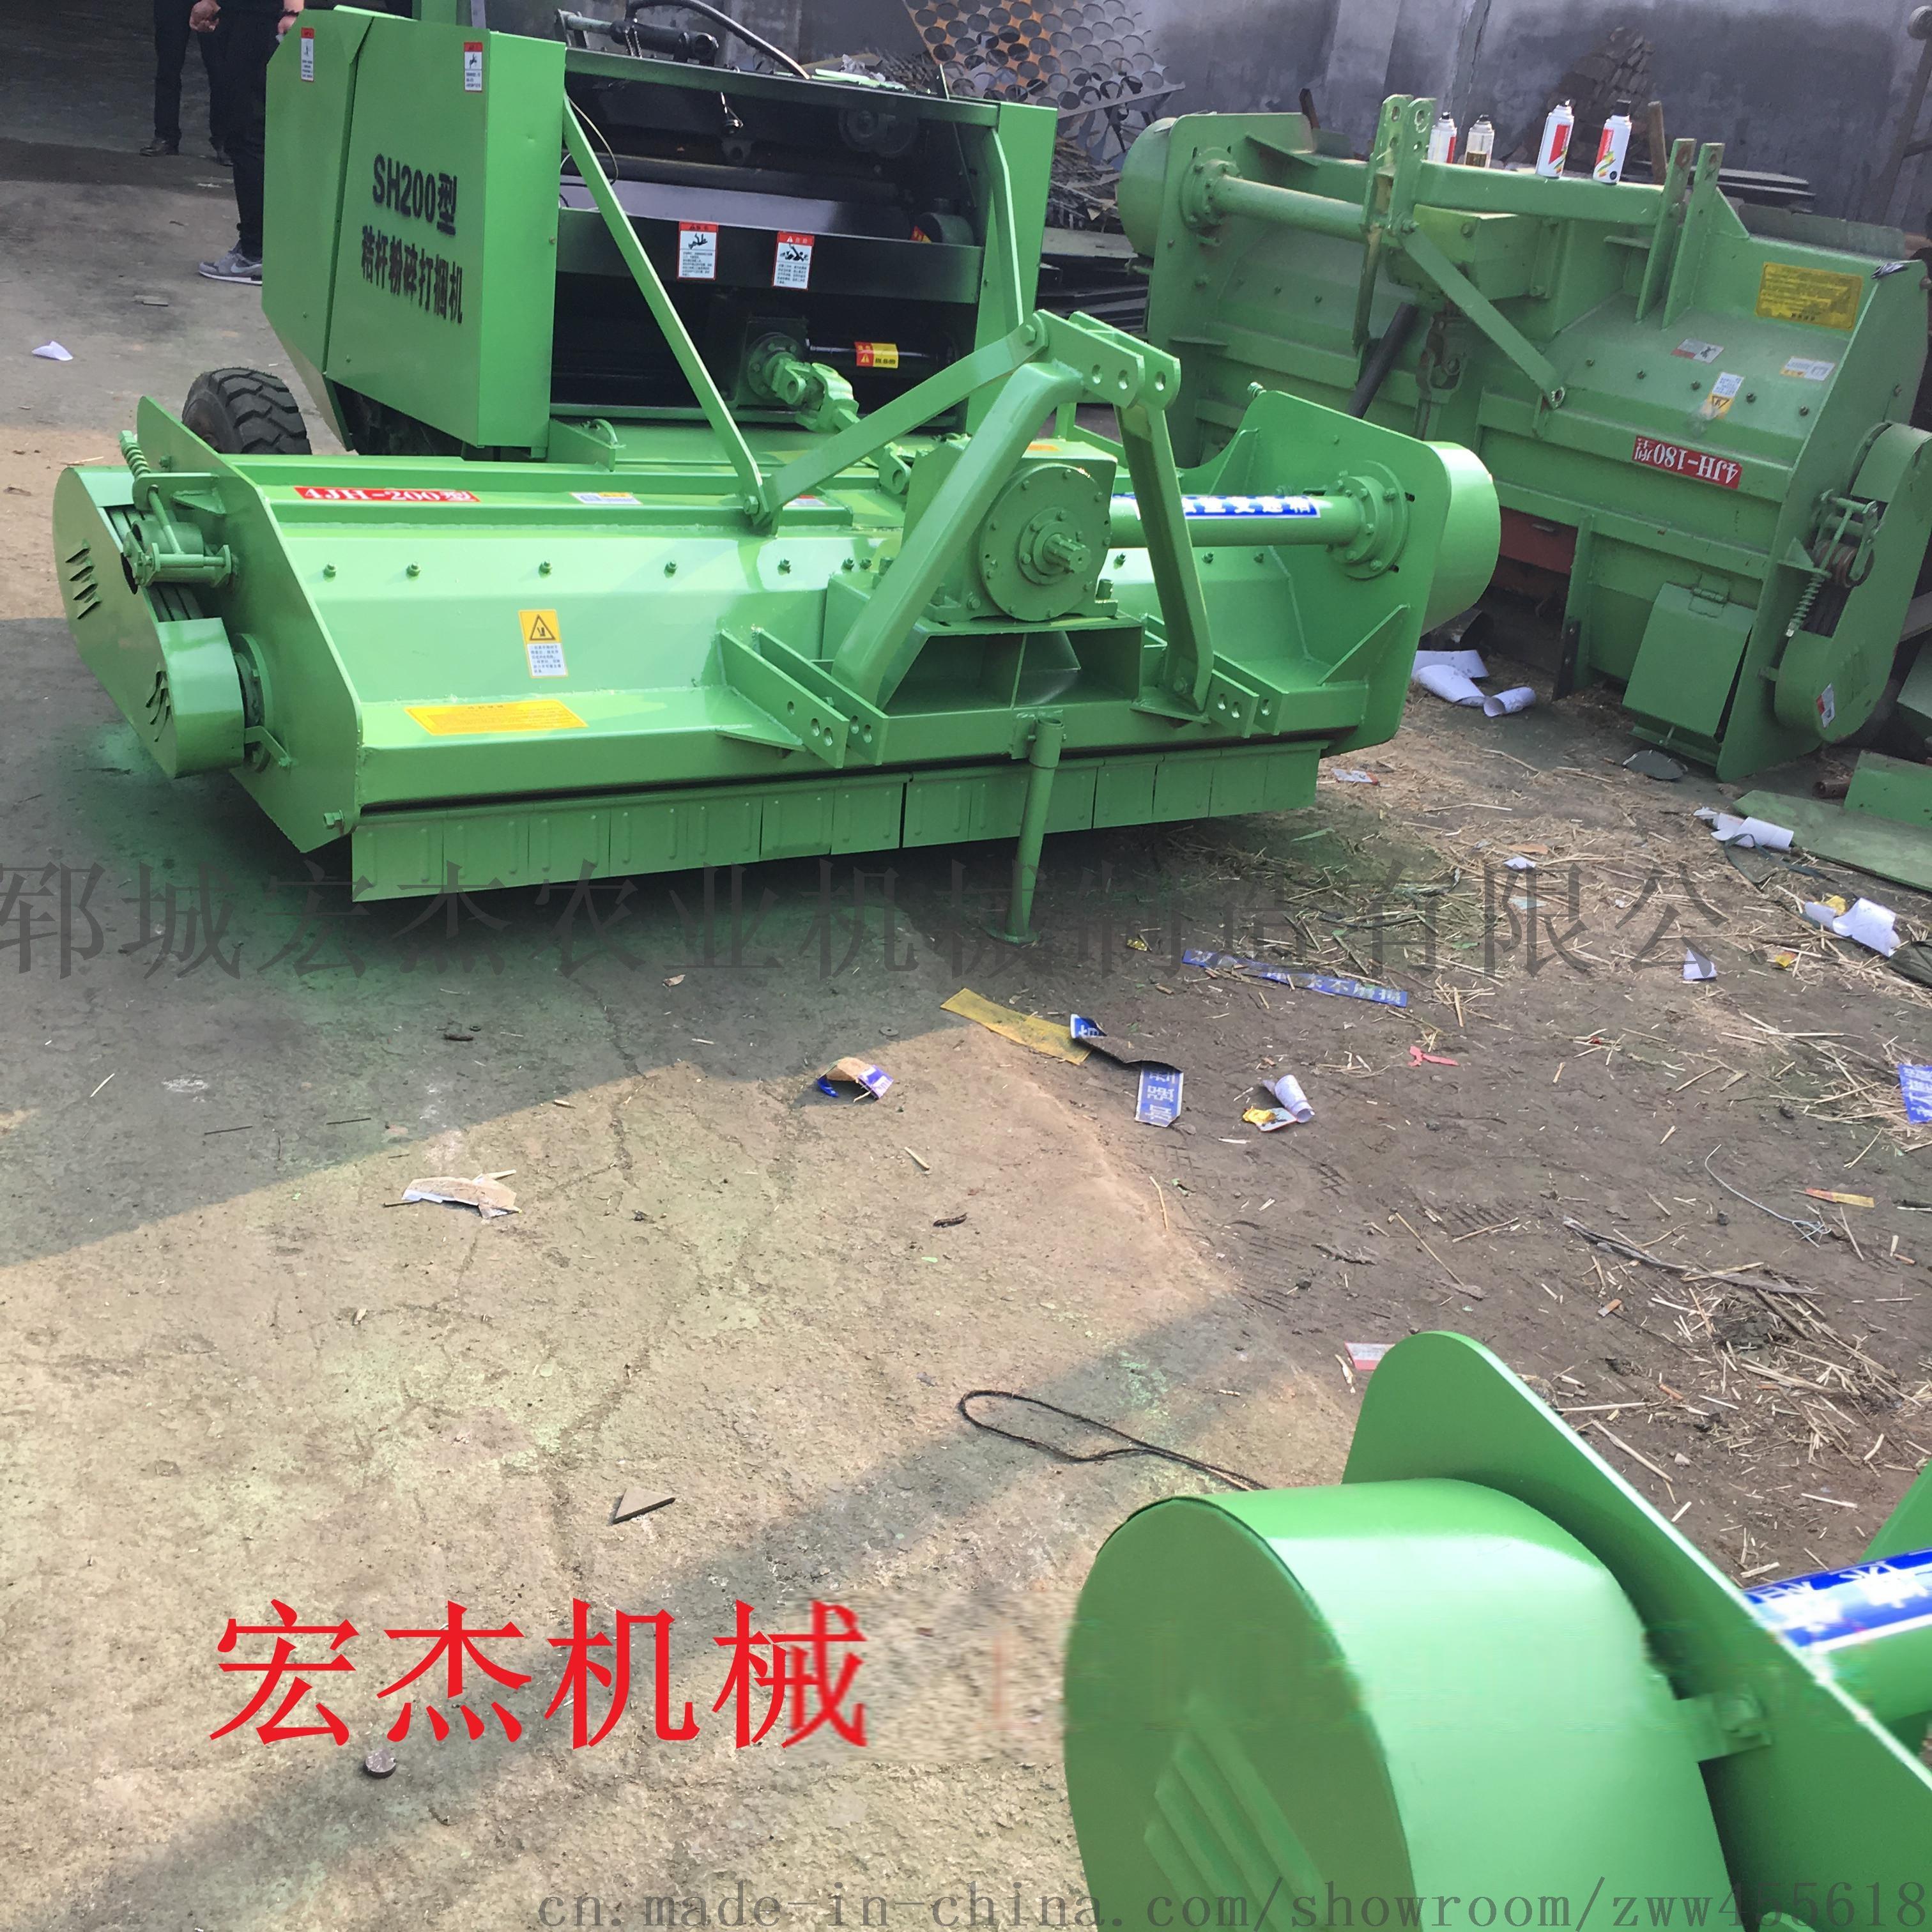 厂家供应玉米秸秆粉碎捡拾打捆机